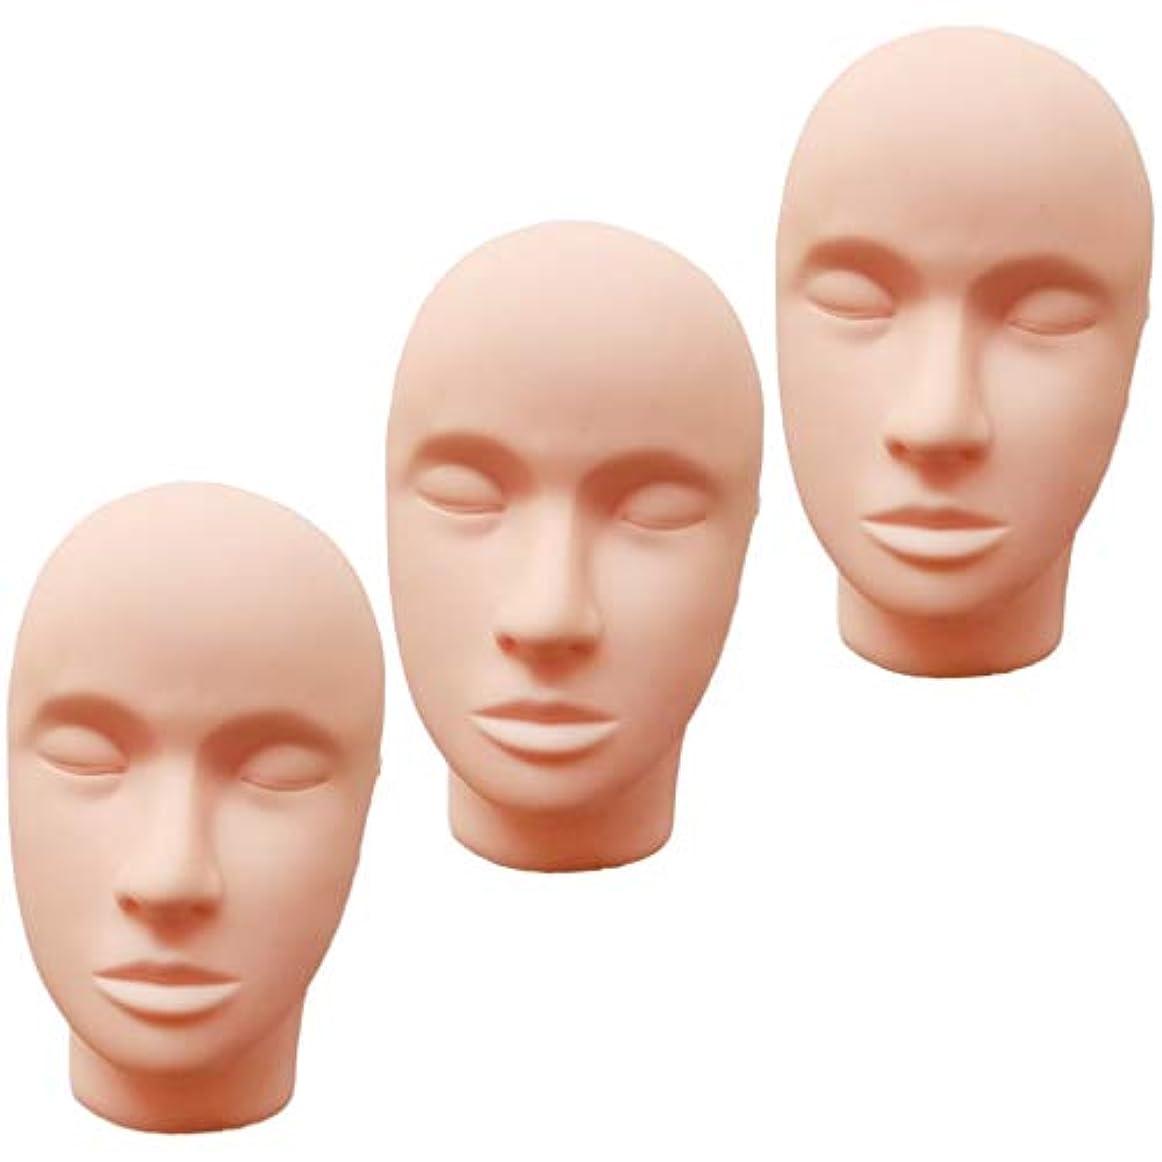 イブニング失う五十T TOOYFUL ヘッドマネキン メイク練習用 モデル 化粧 フェイス メイクアップ まつげエクステ 繰り返し利用